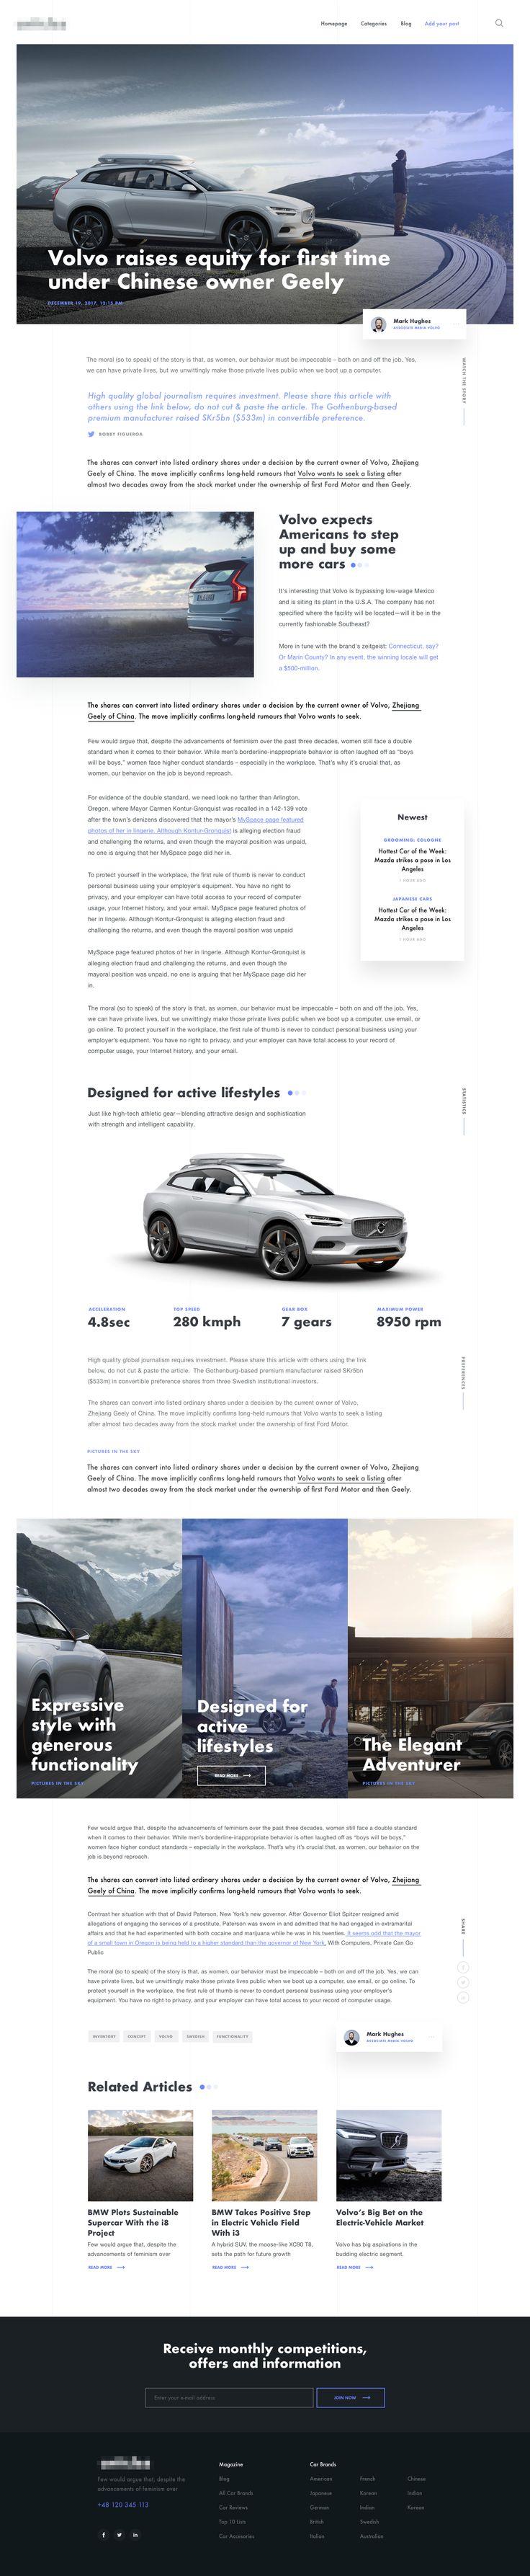 Modern Design Blog 1112 best web design images on pinterest | website designs, modern